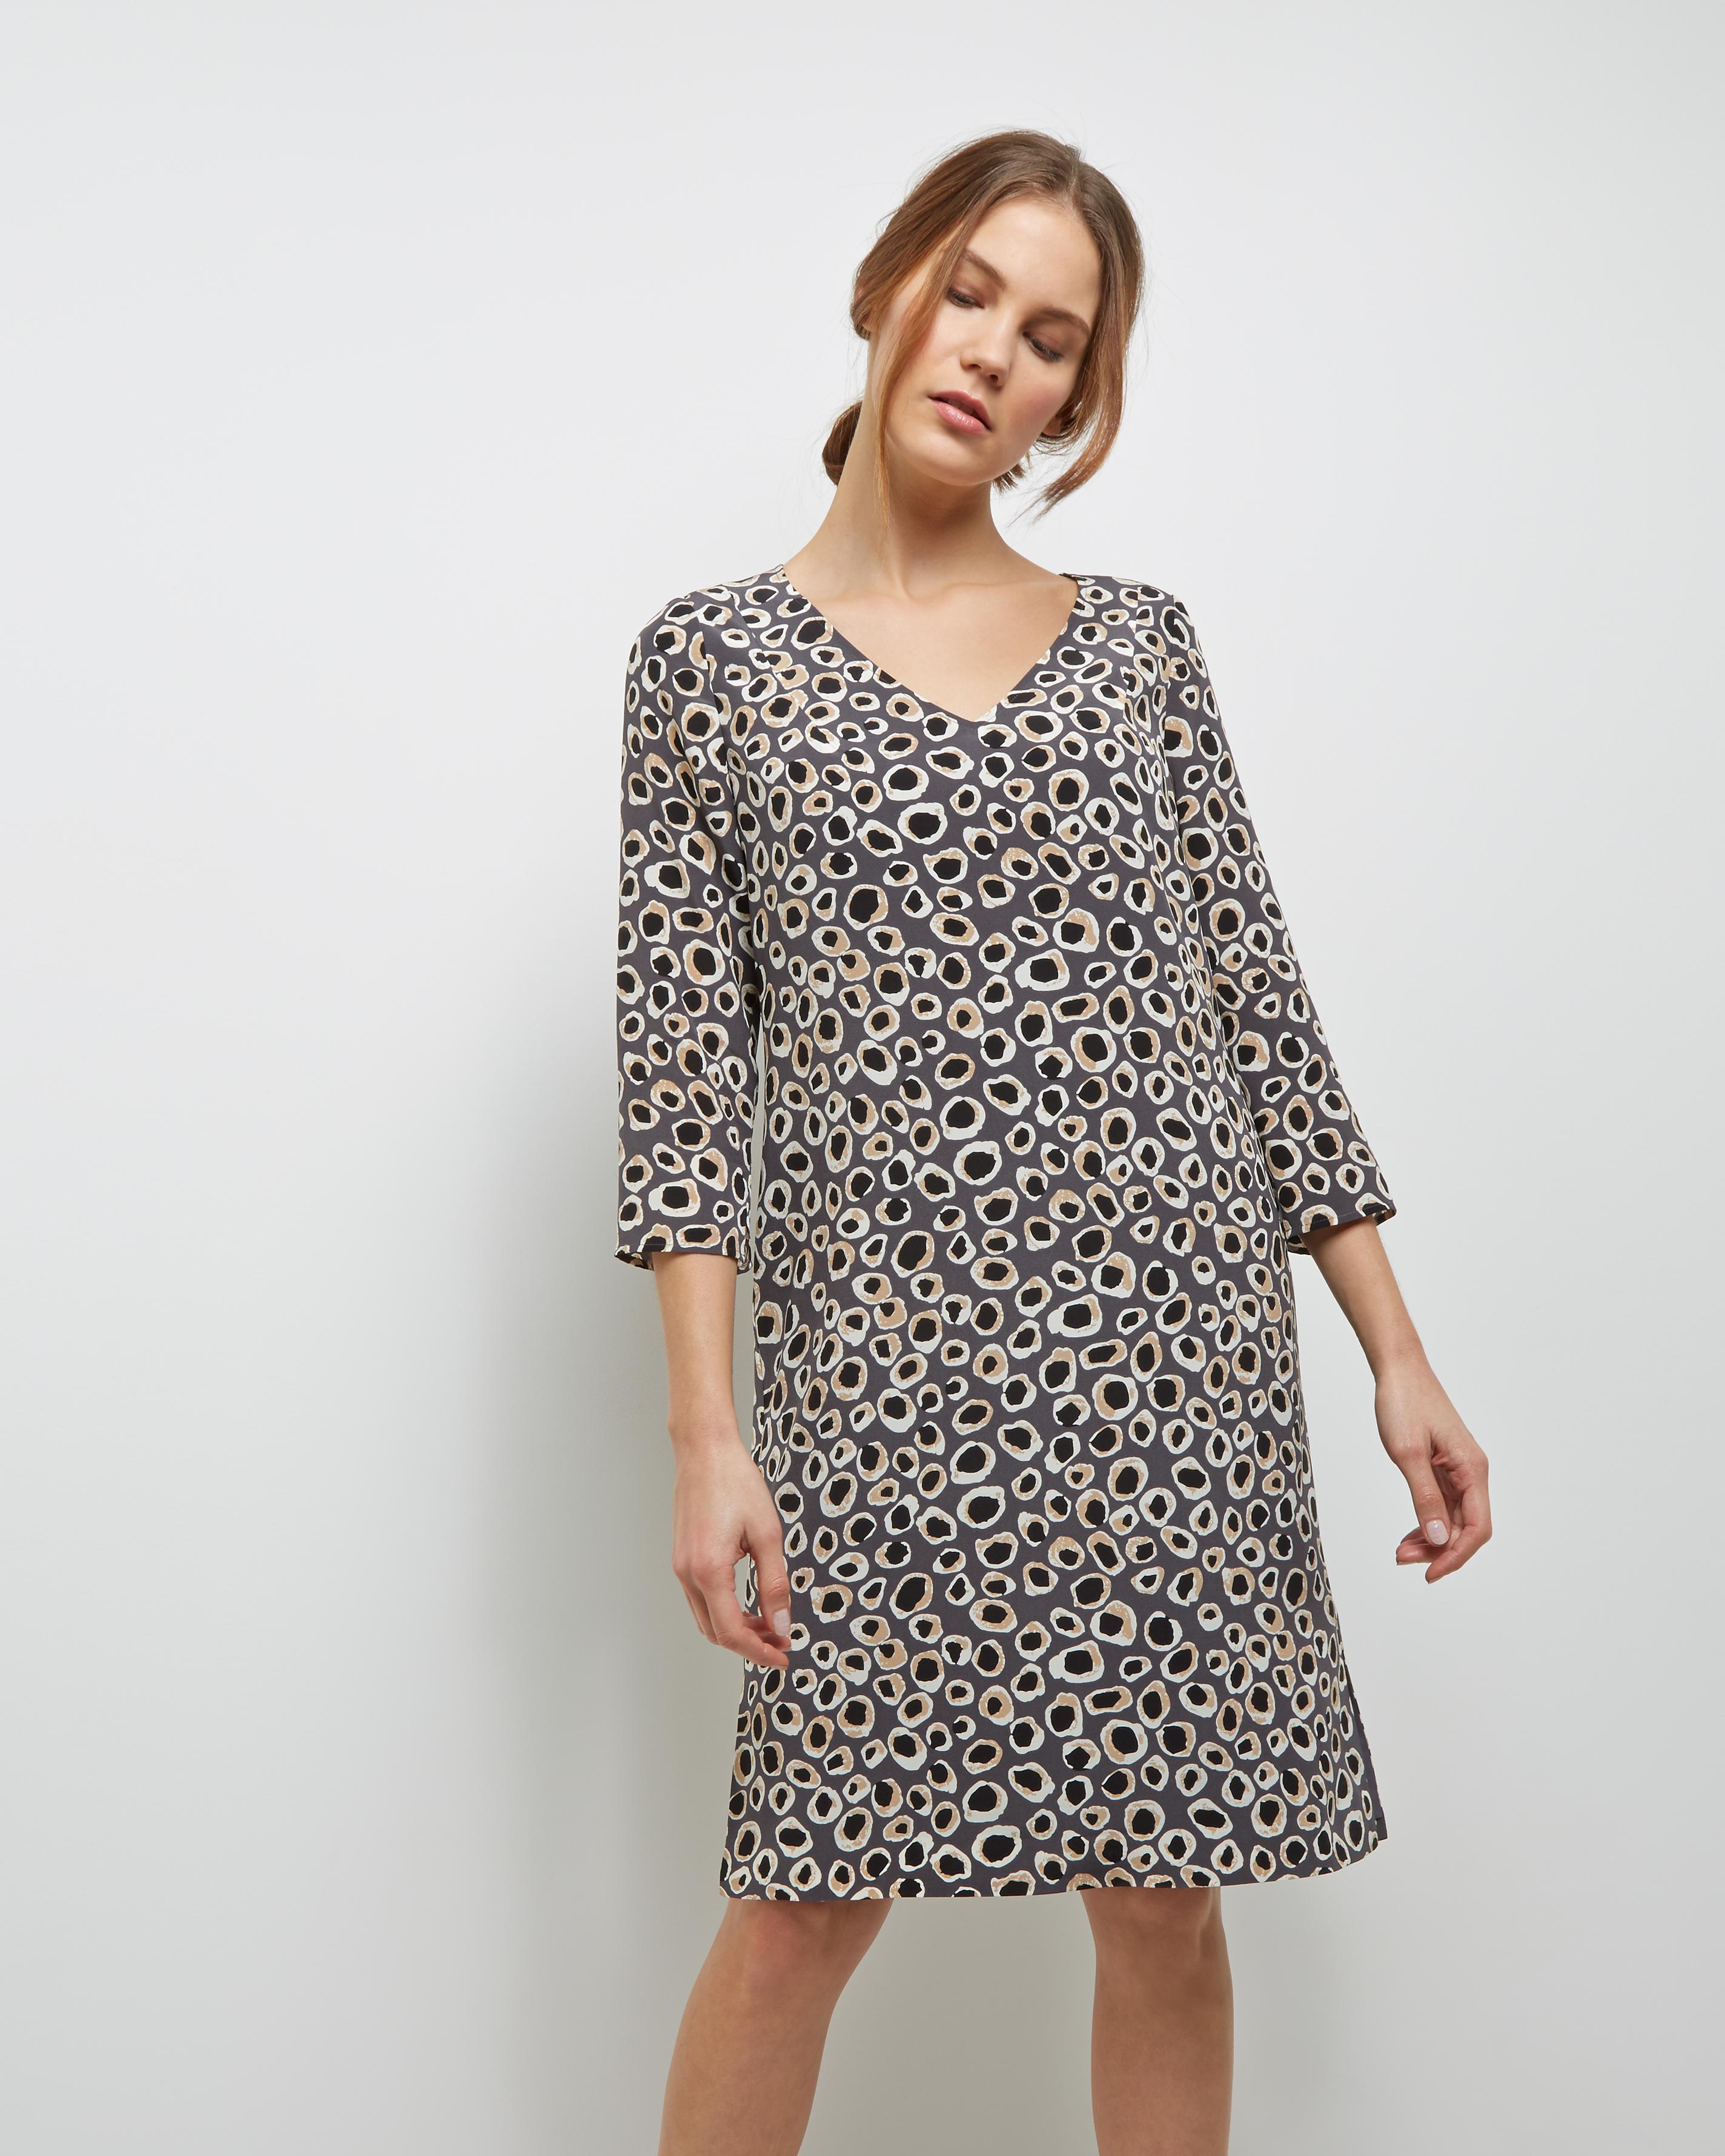 Lyst - Jaeger Silk Spot Animal Print Dress in Gray 50f909651